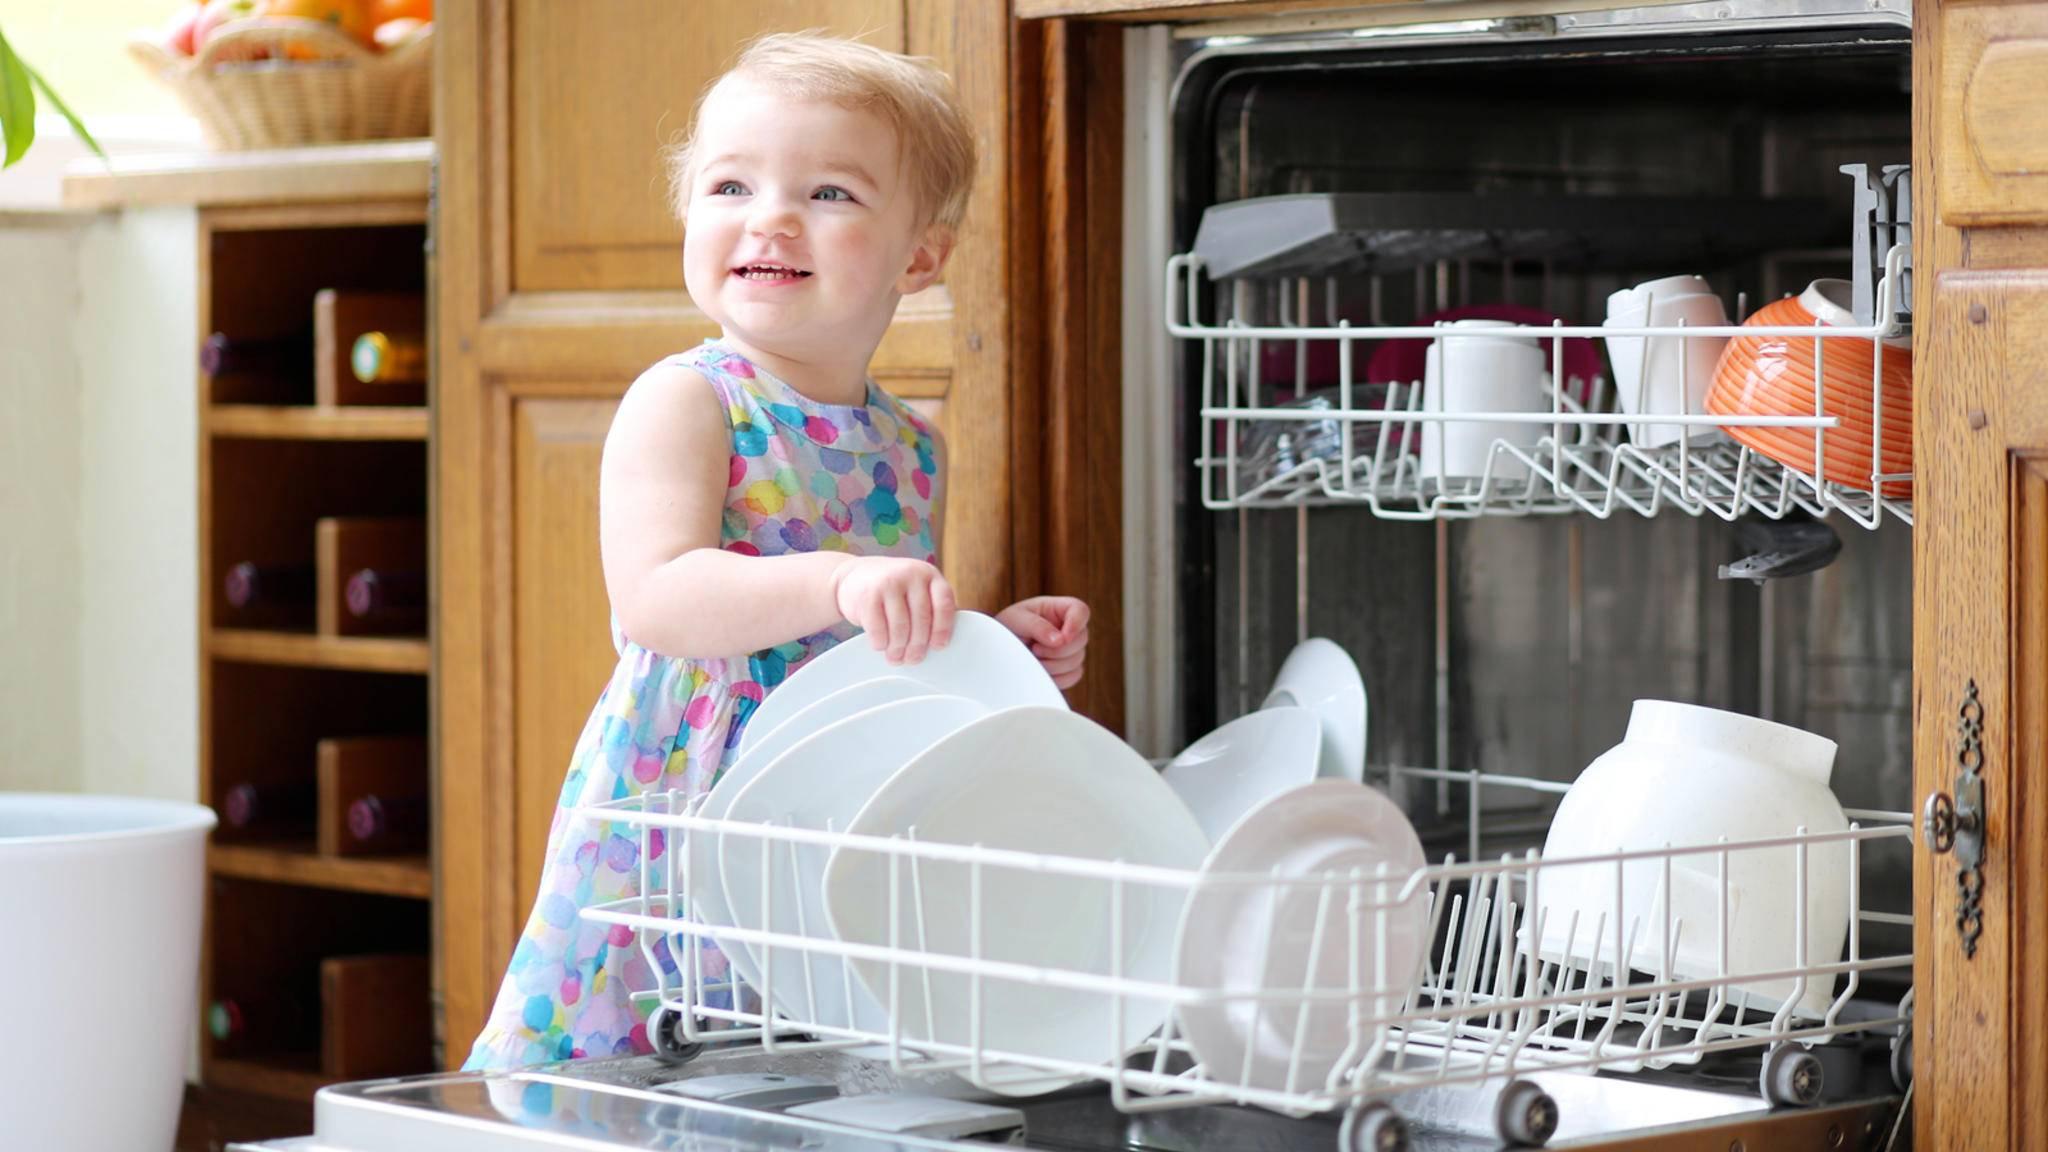 Selbst die Spülmaschine anschließen? Das ist zum Glück beinahe genauso kinderleicht, wie das spätere Einräumen.